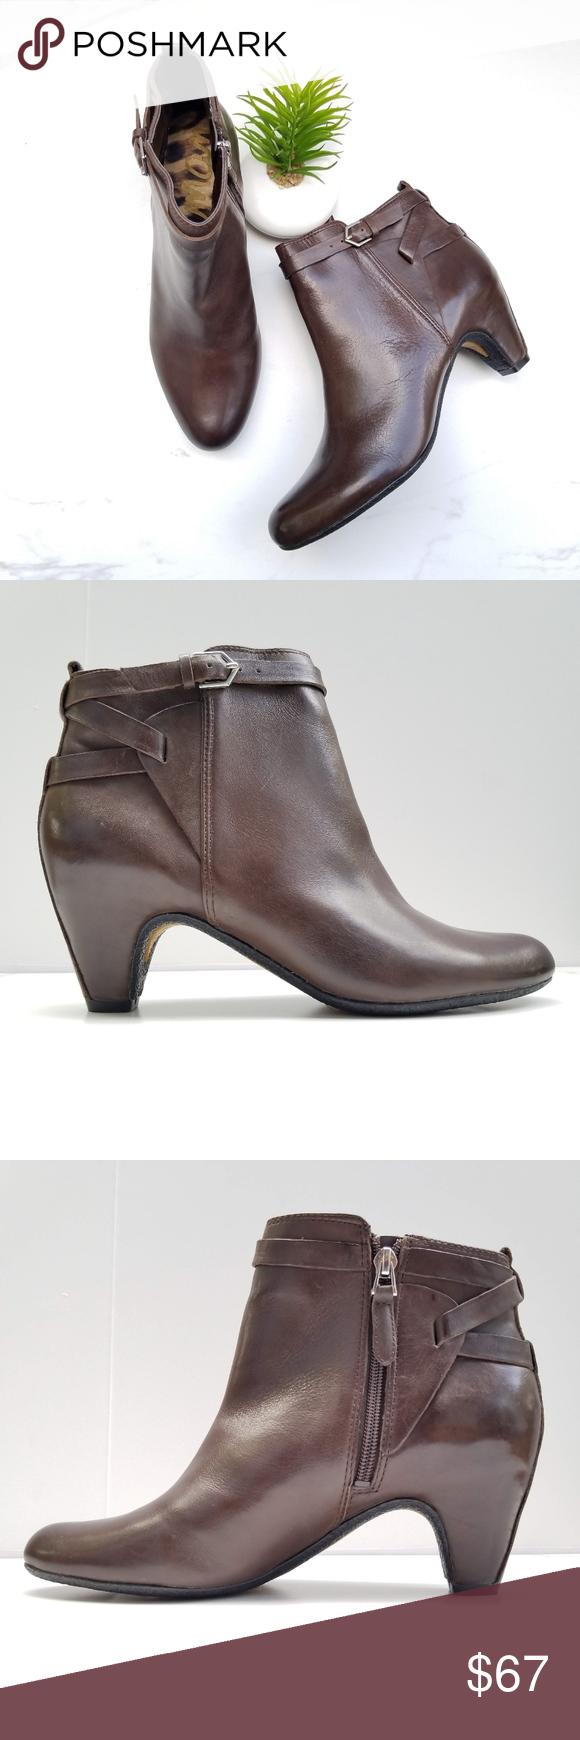 e4e15b92781d SAM EDELMAN Maddox Ankle Booties Dark Brown Heels SAM EDELMAN Maddox Ankle  Boots Dark brown smooth